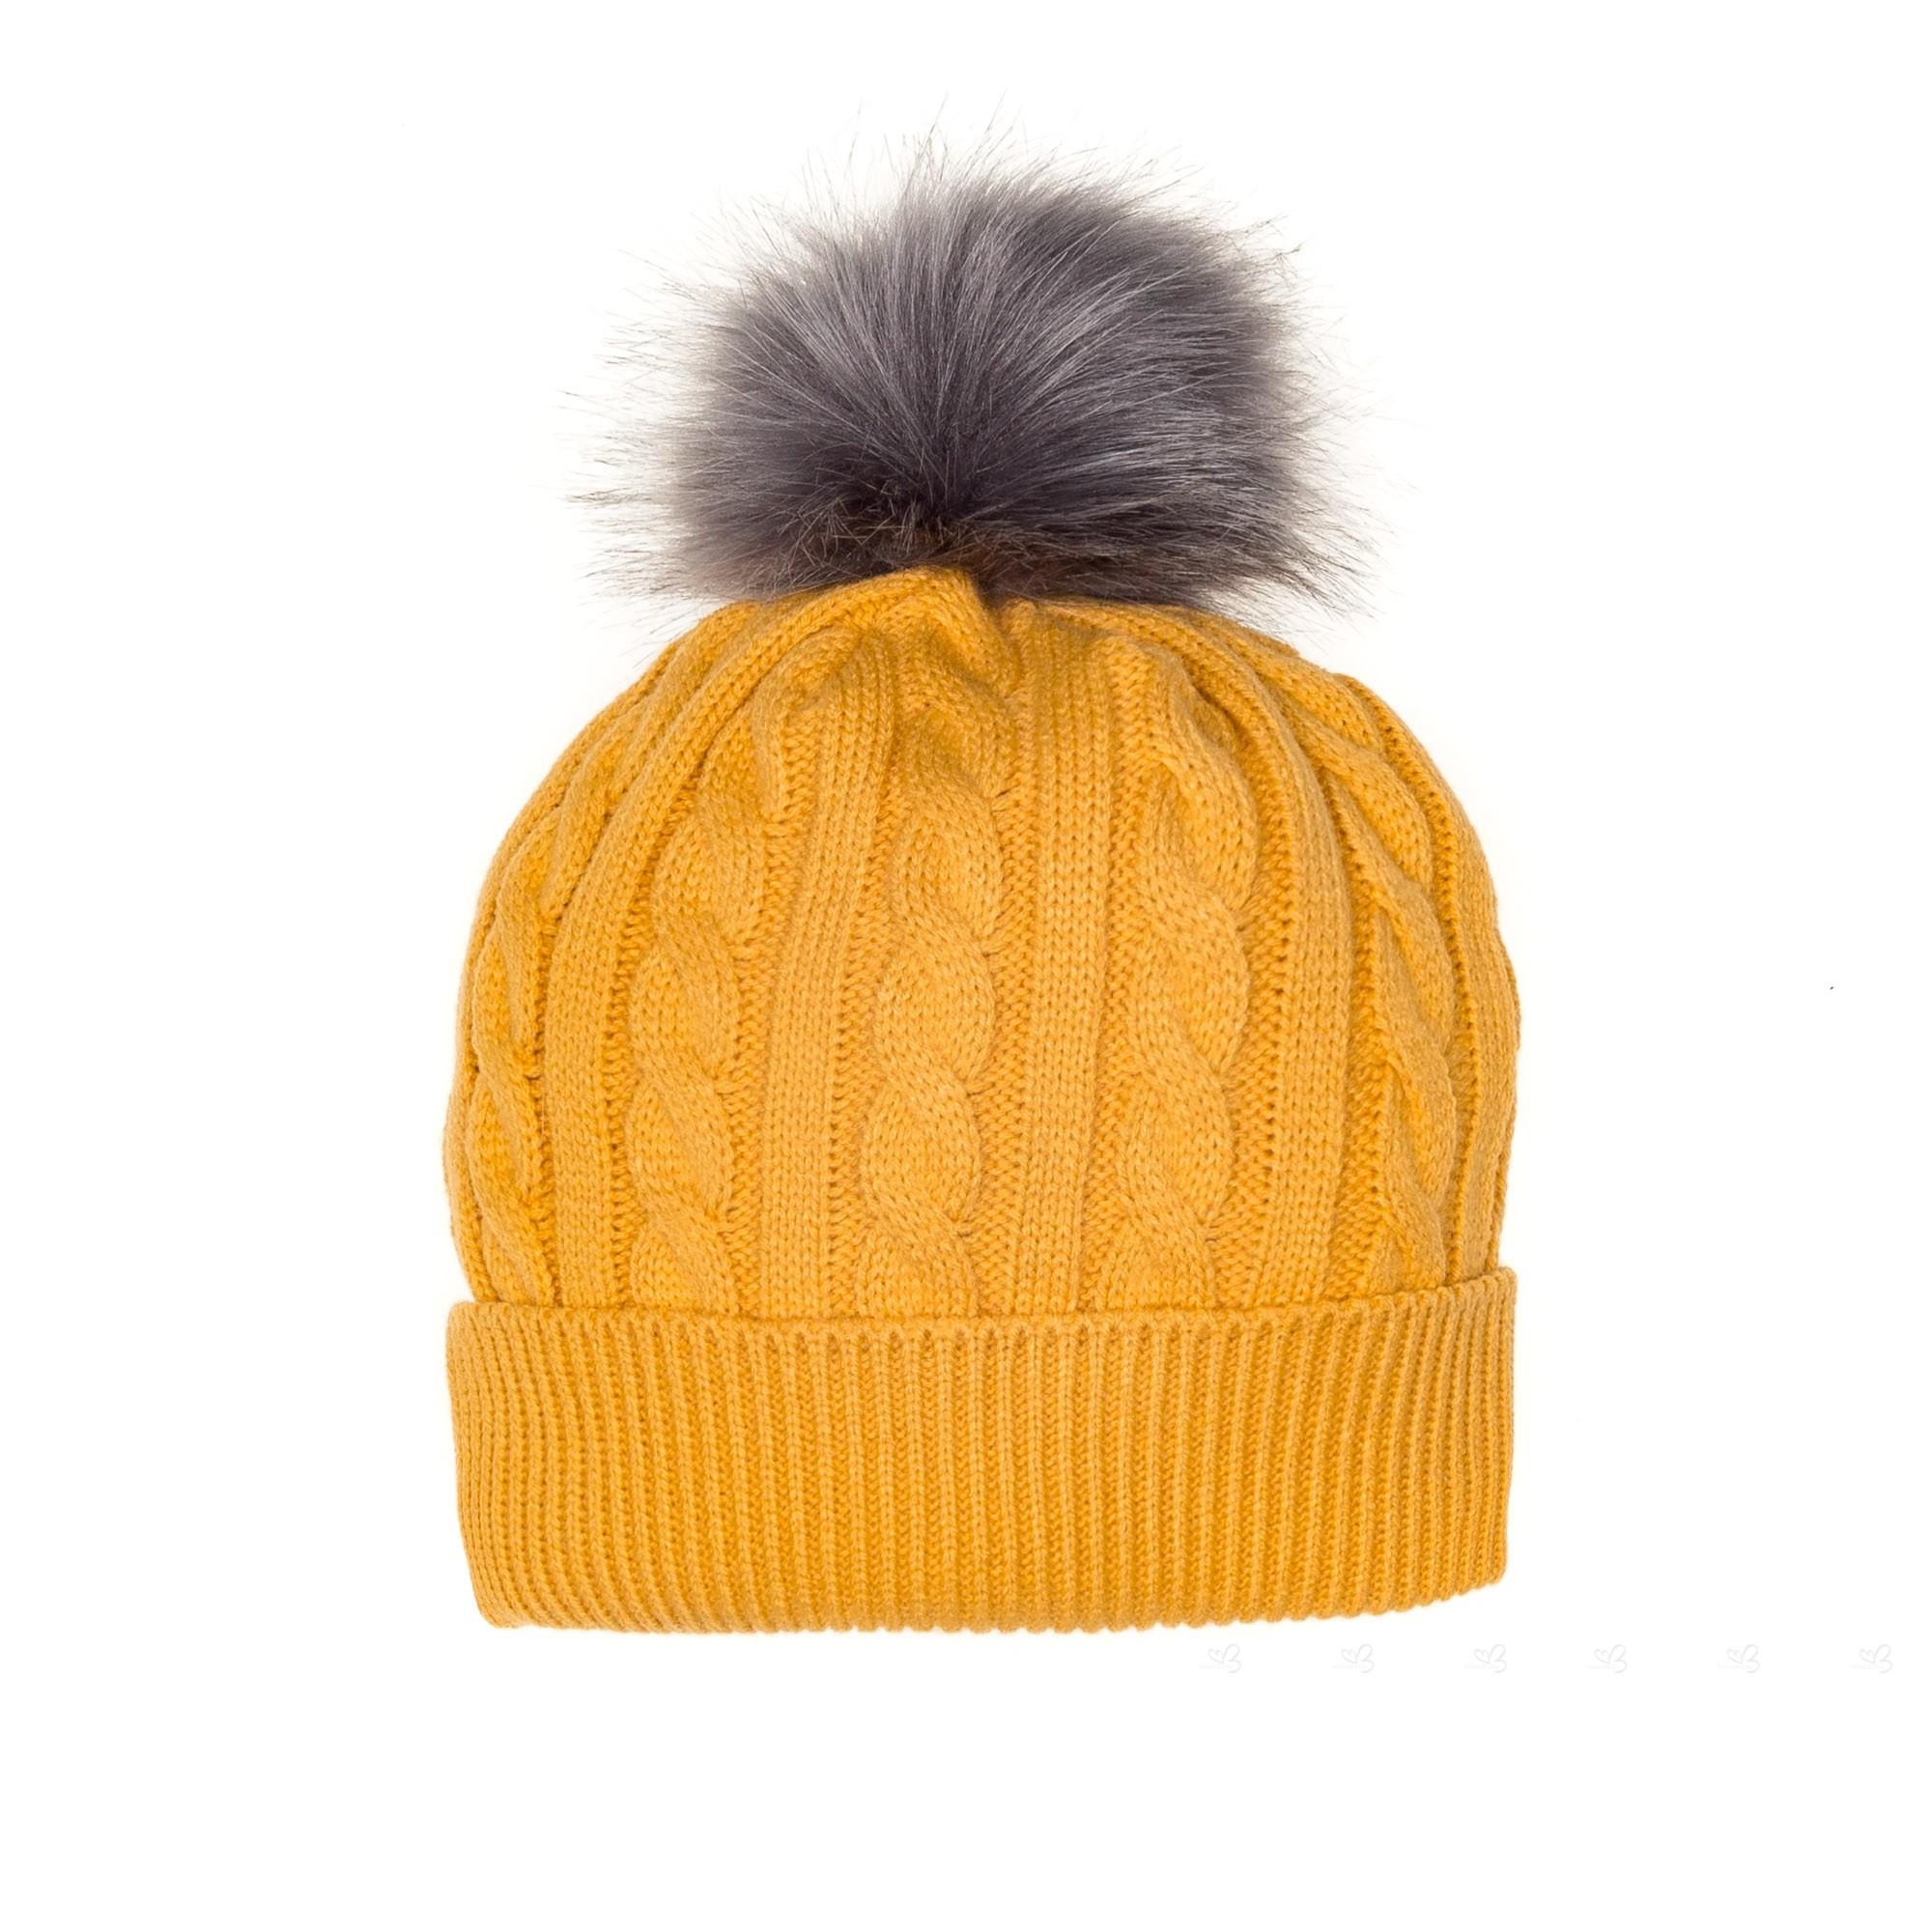 5ff0c0ec07f Rochy Mustard Braid Knit Hat With Maxi Pom-Pom